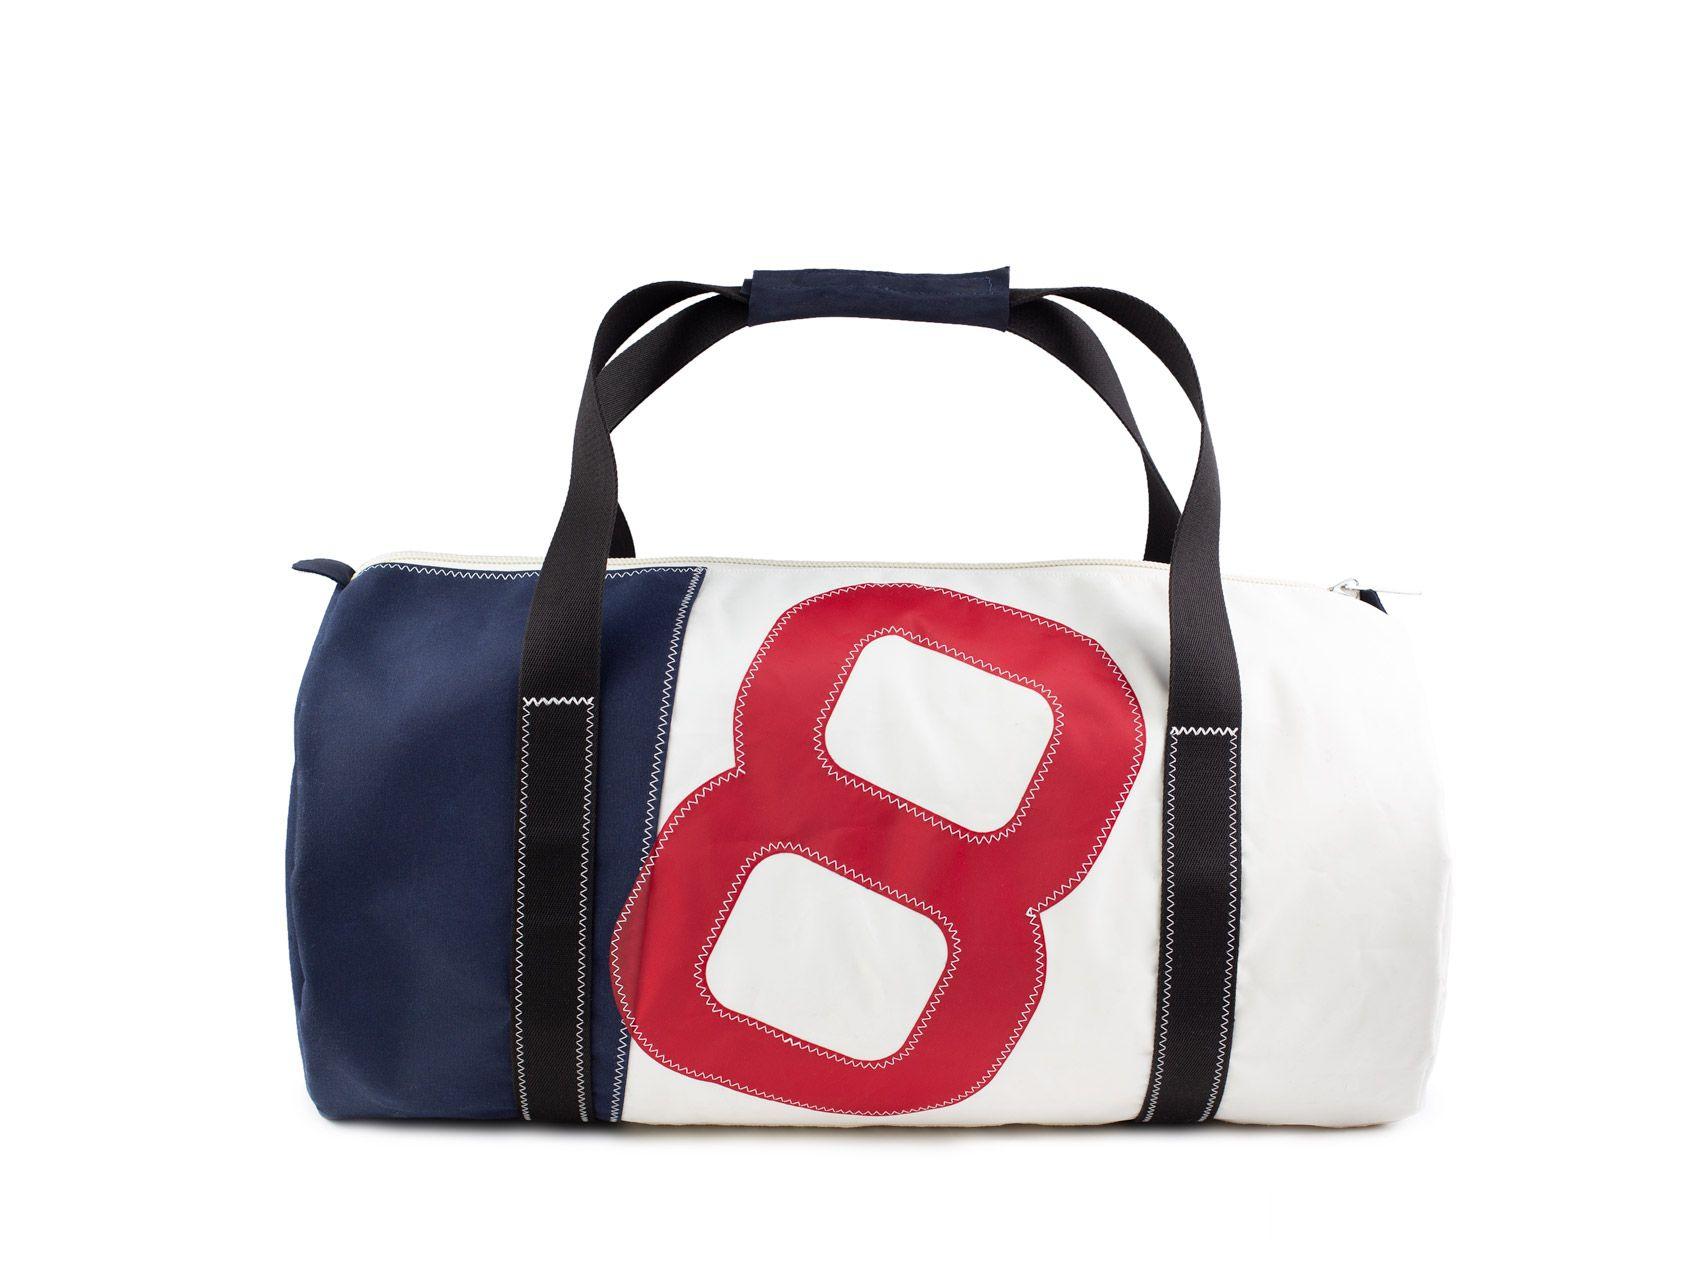 727-sailbags